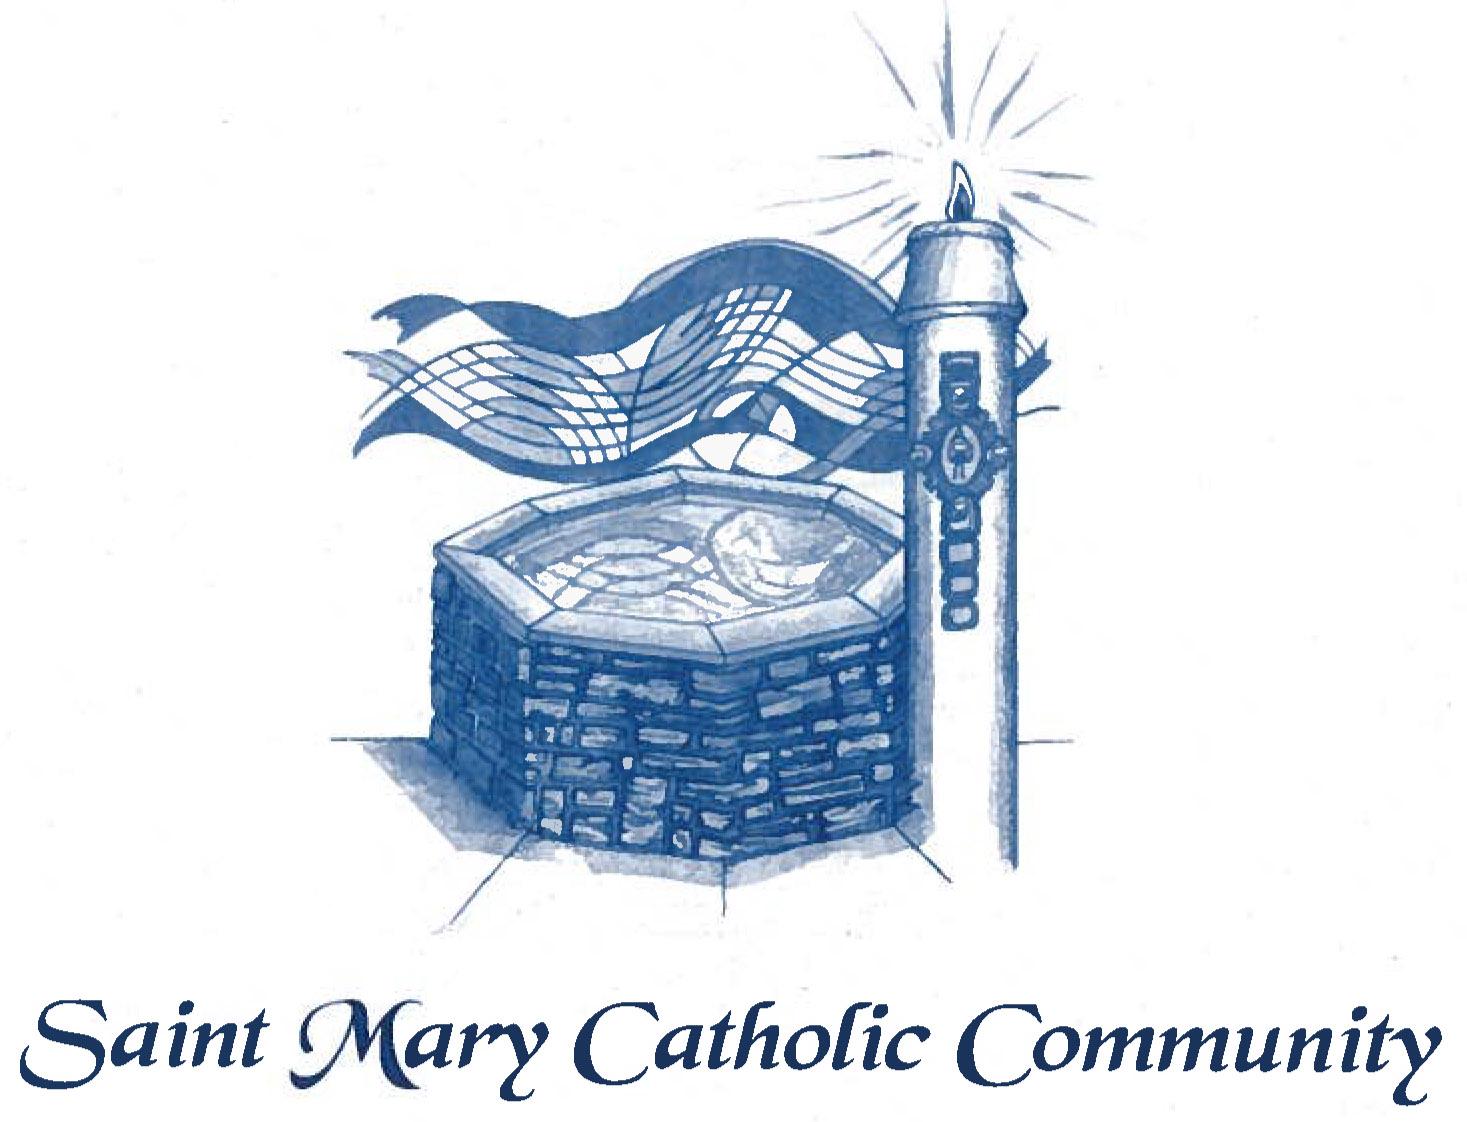 Saint Mary Catholic Community.